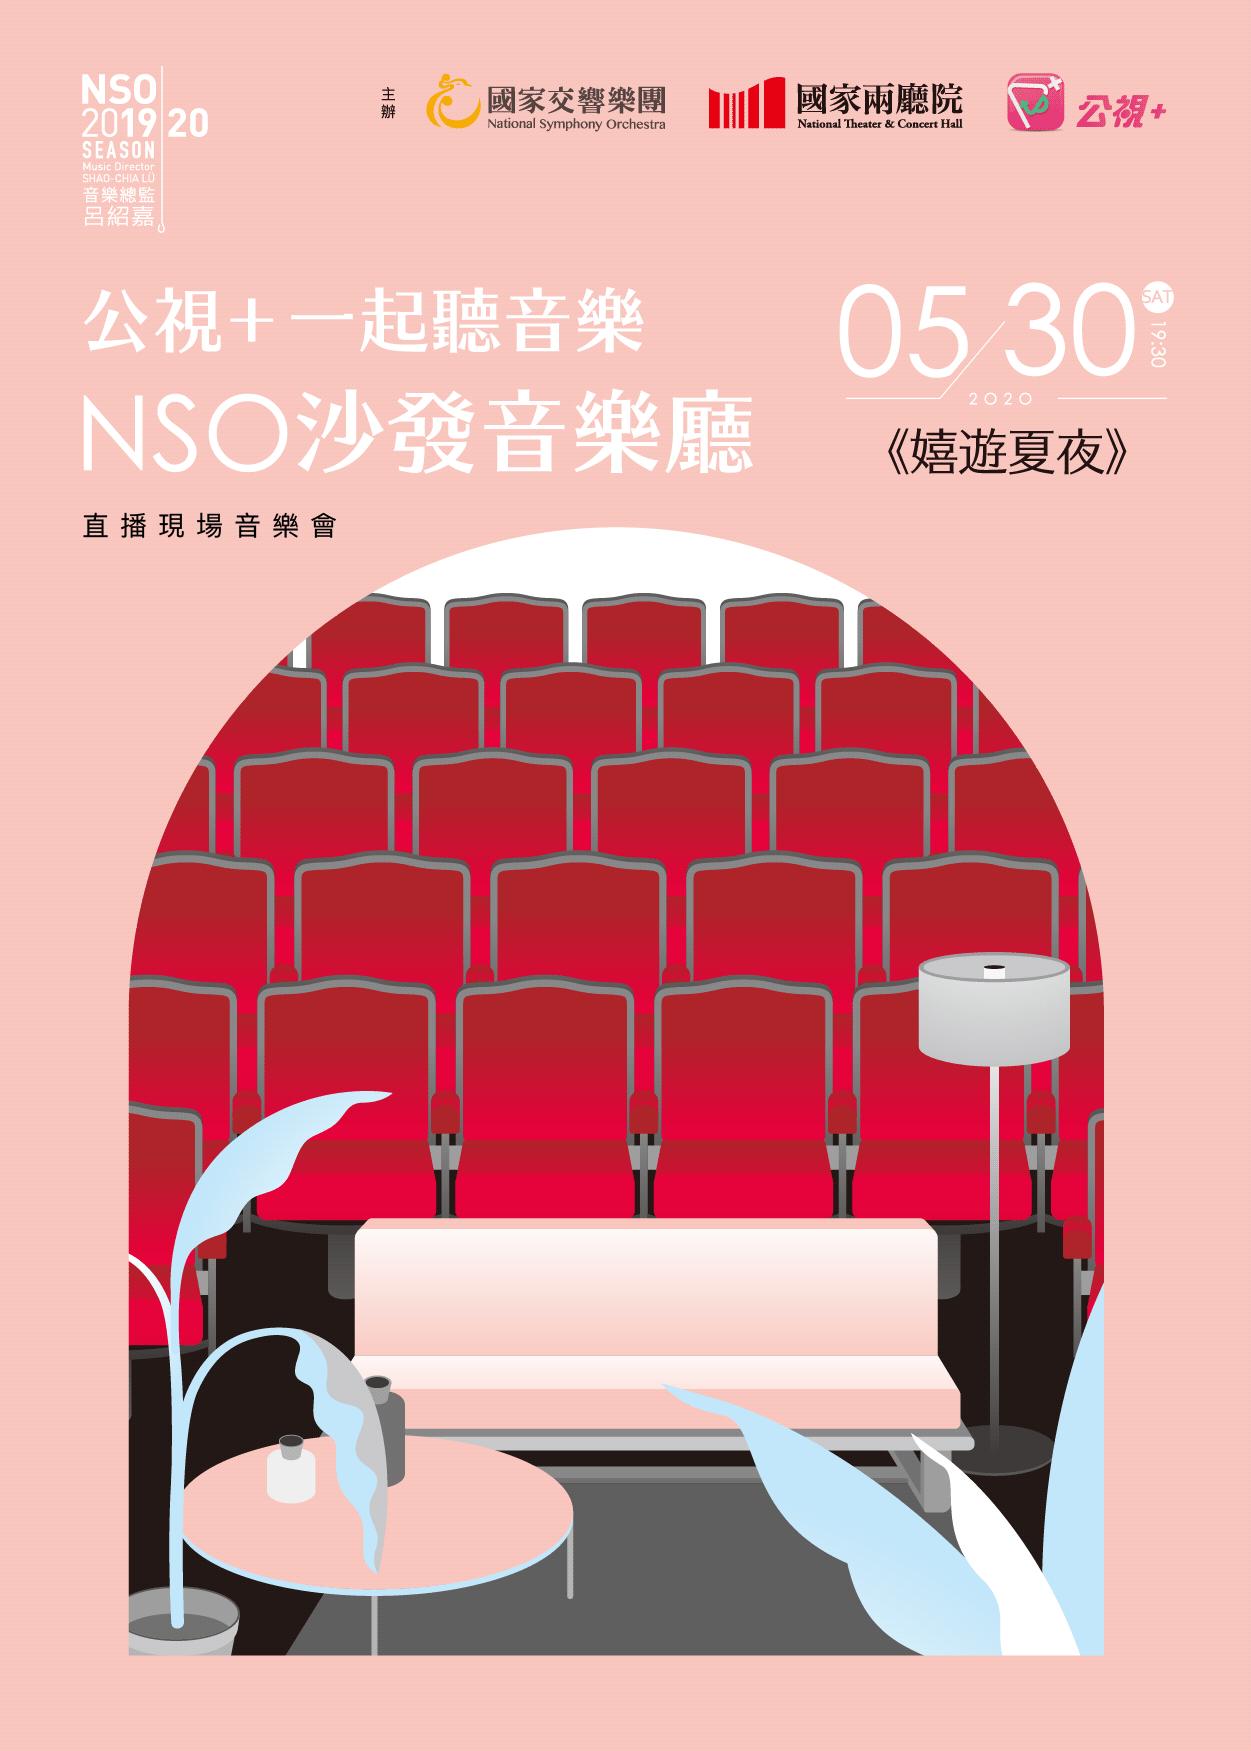 NSO Sofa Concert Hall: LÜ & NSO I I